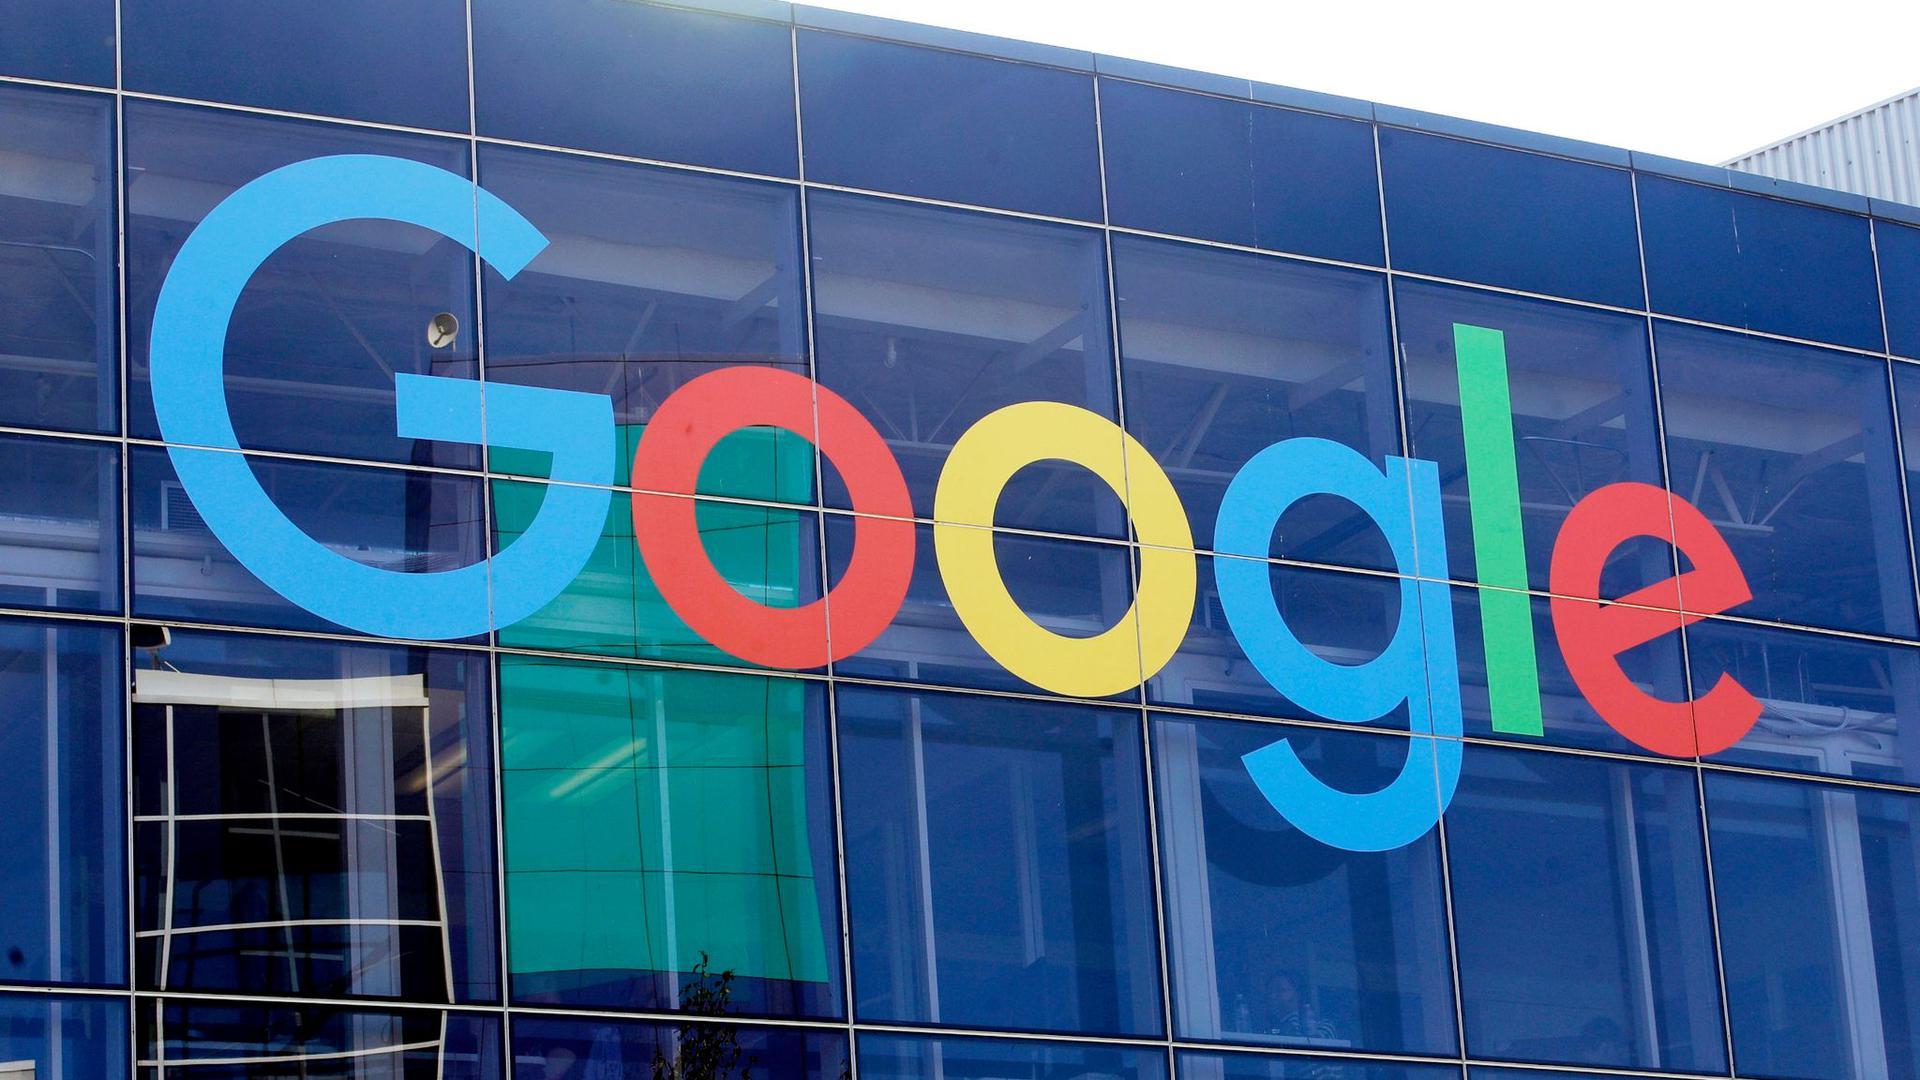 Das Logo von Google an der Fassade des Hauptsitzes des Mutterkonzerns Alphabet in Mountain View.